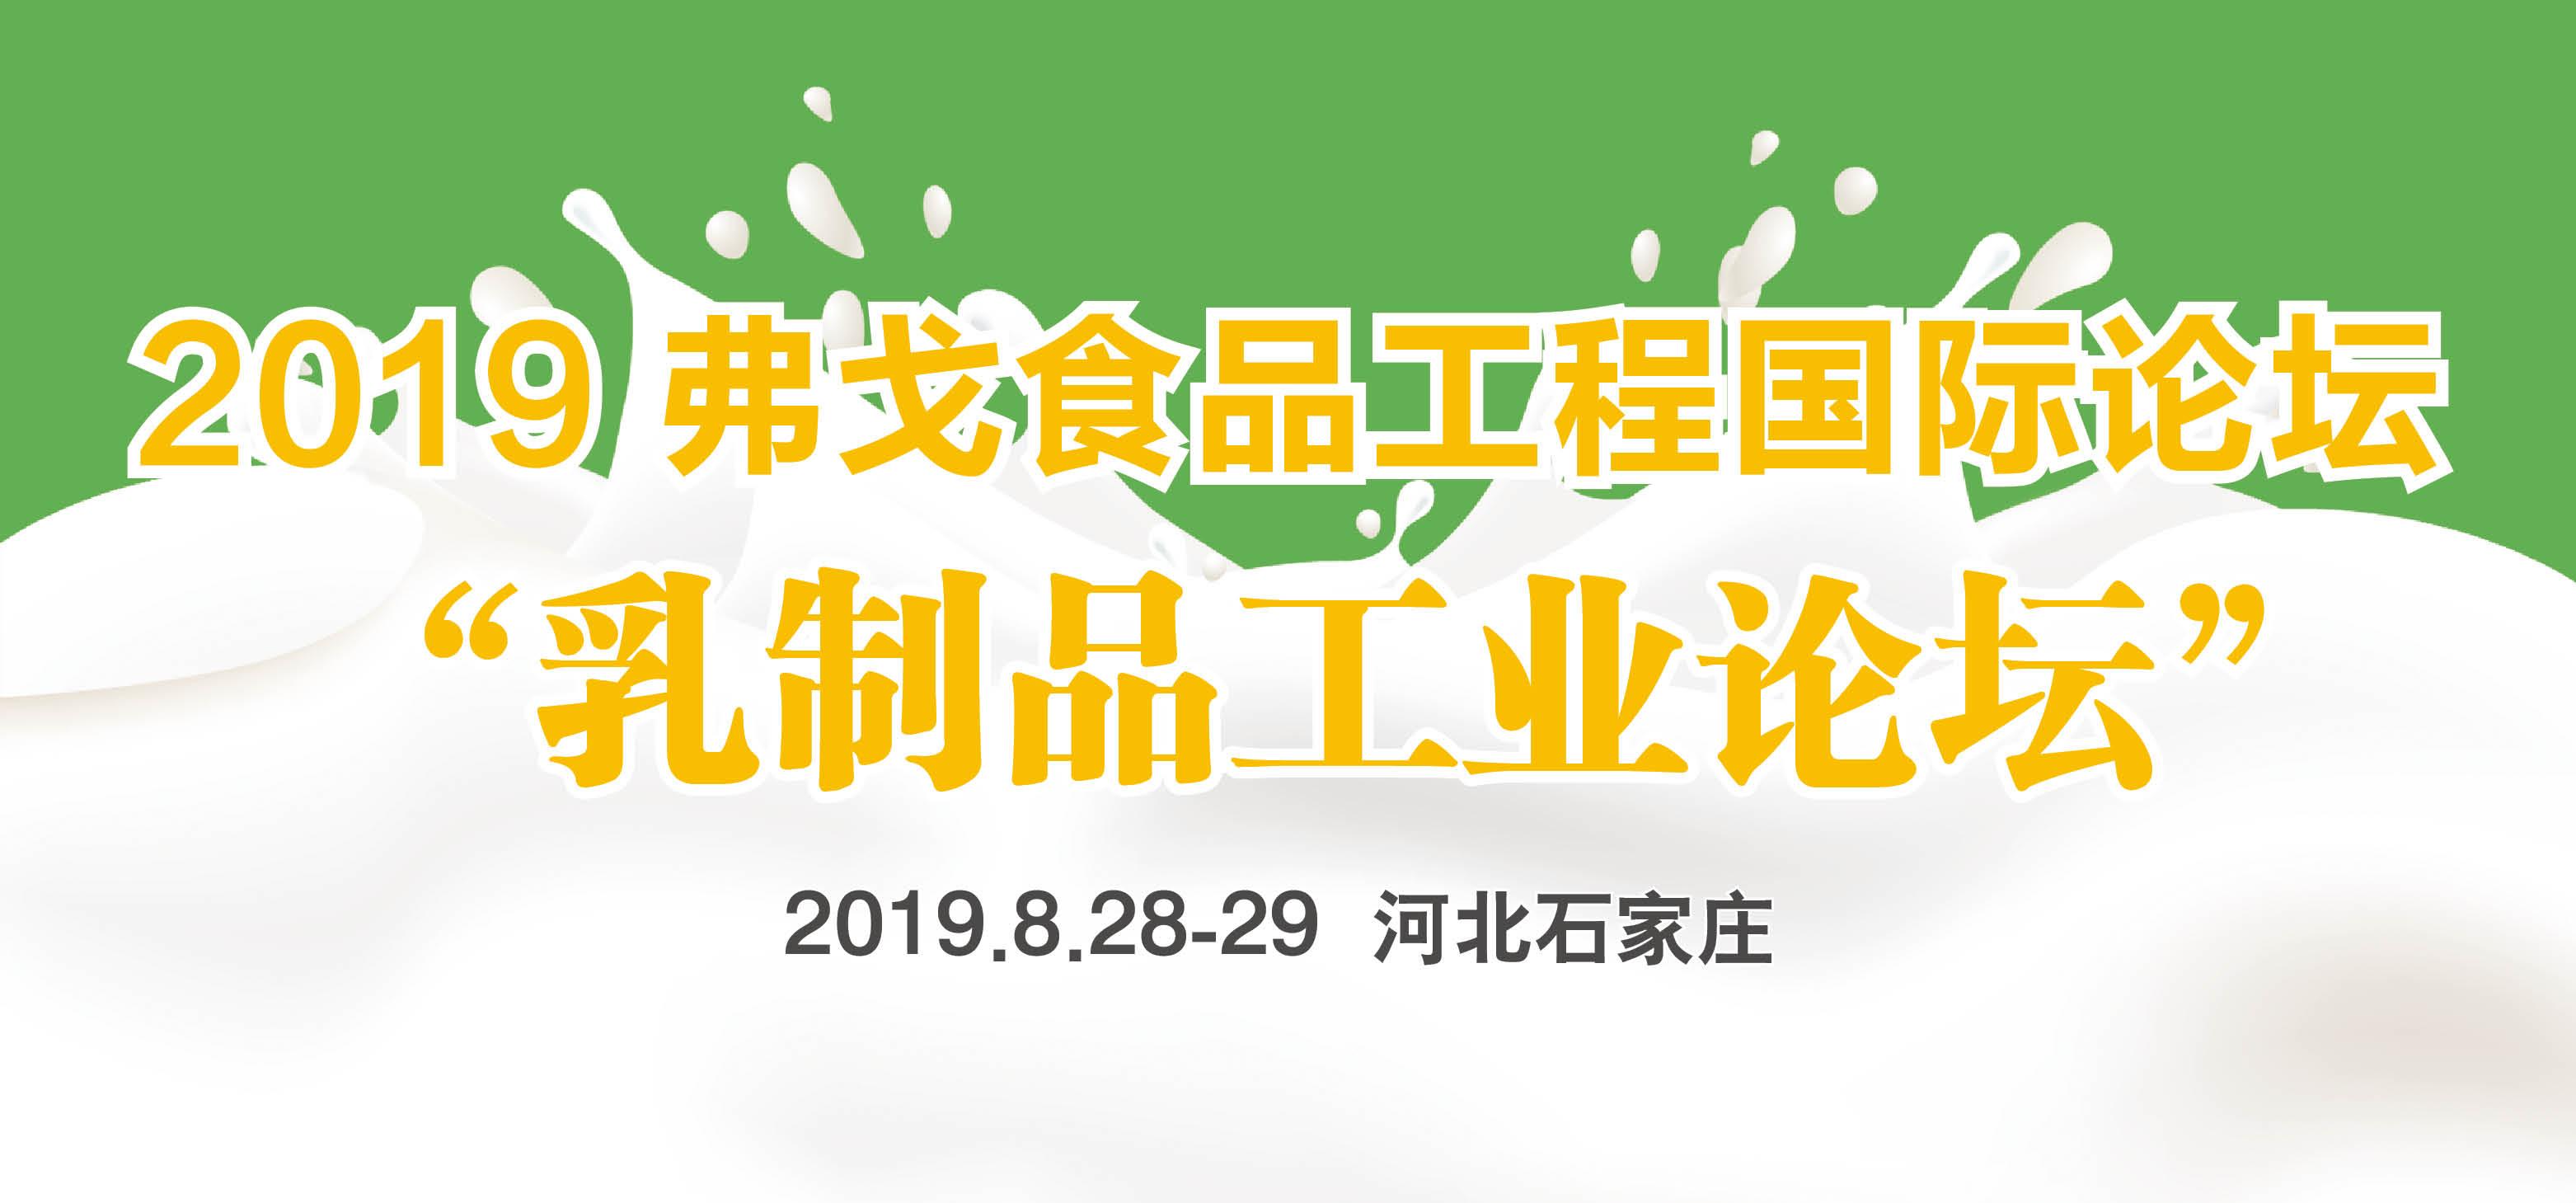 2019乳制品大会